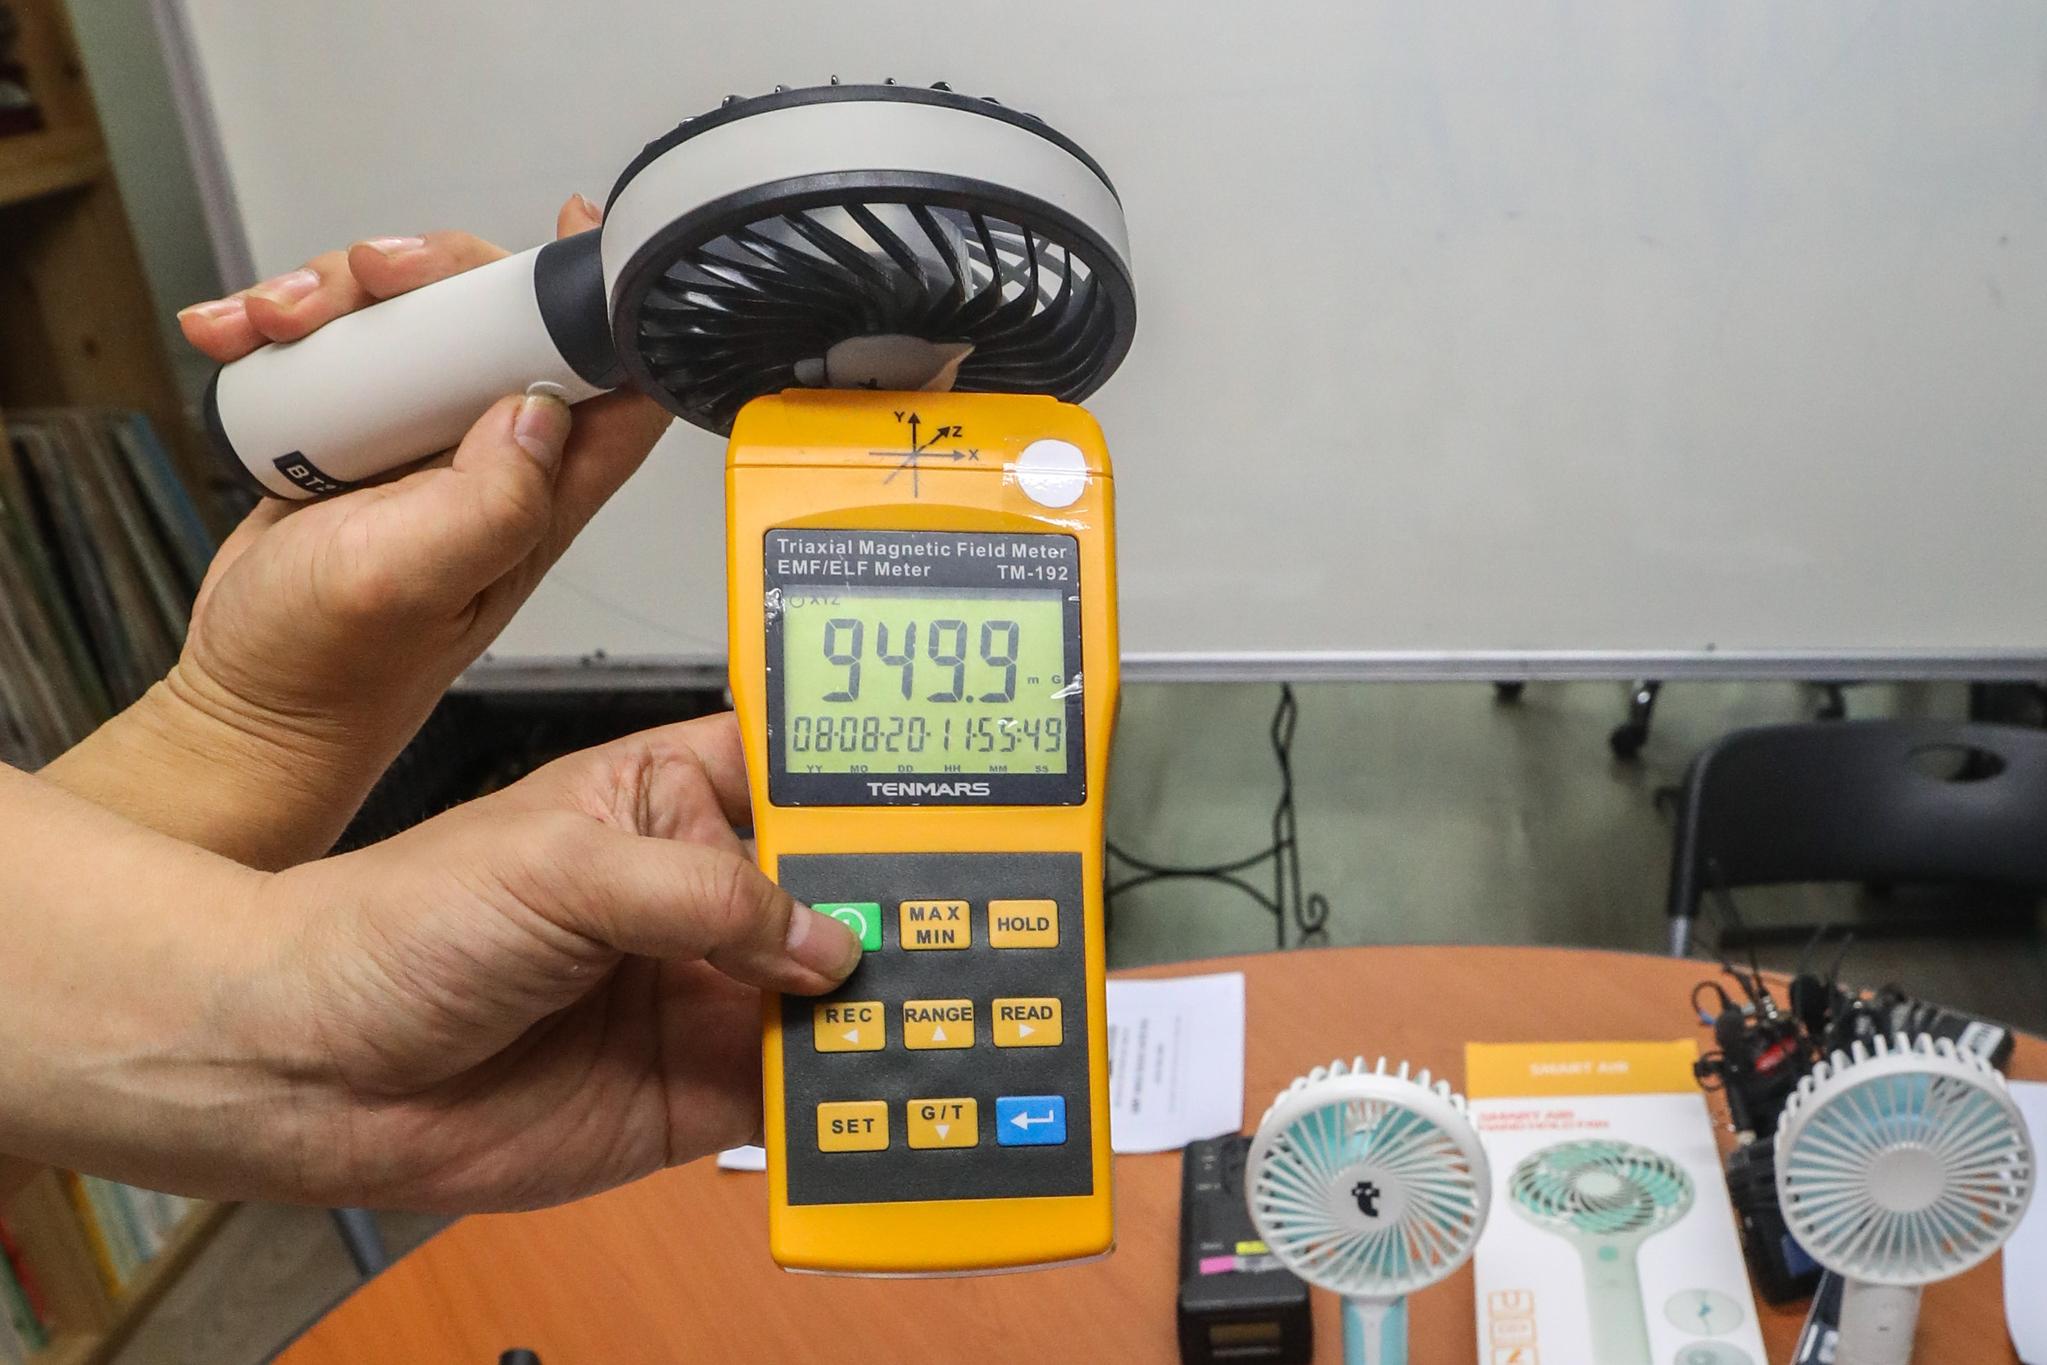 20일 서울 종로구 환경보건시민센터에서 열린 환경보건시민센터손선풍기와 전자파 조사보고서 발표 기자회견에서 관계자가 손선풍기의 전자파 측정을 시연하고 있다. [뉴스1]